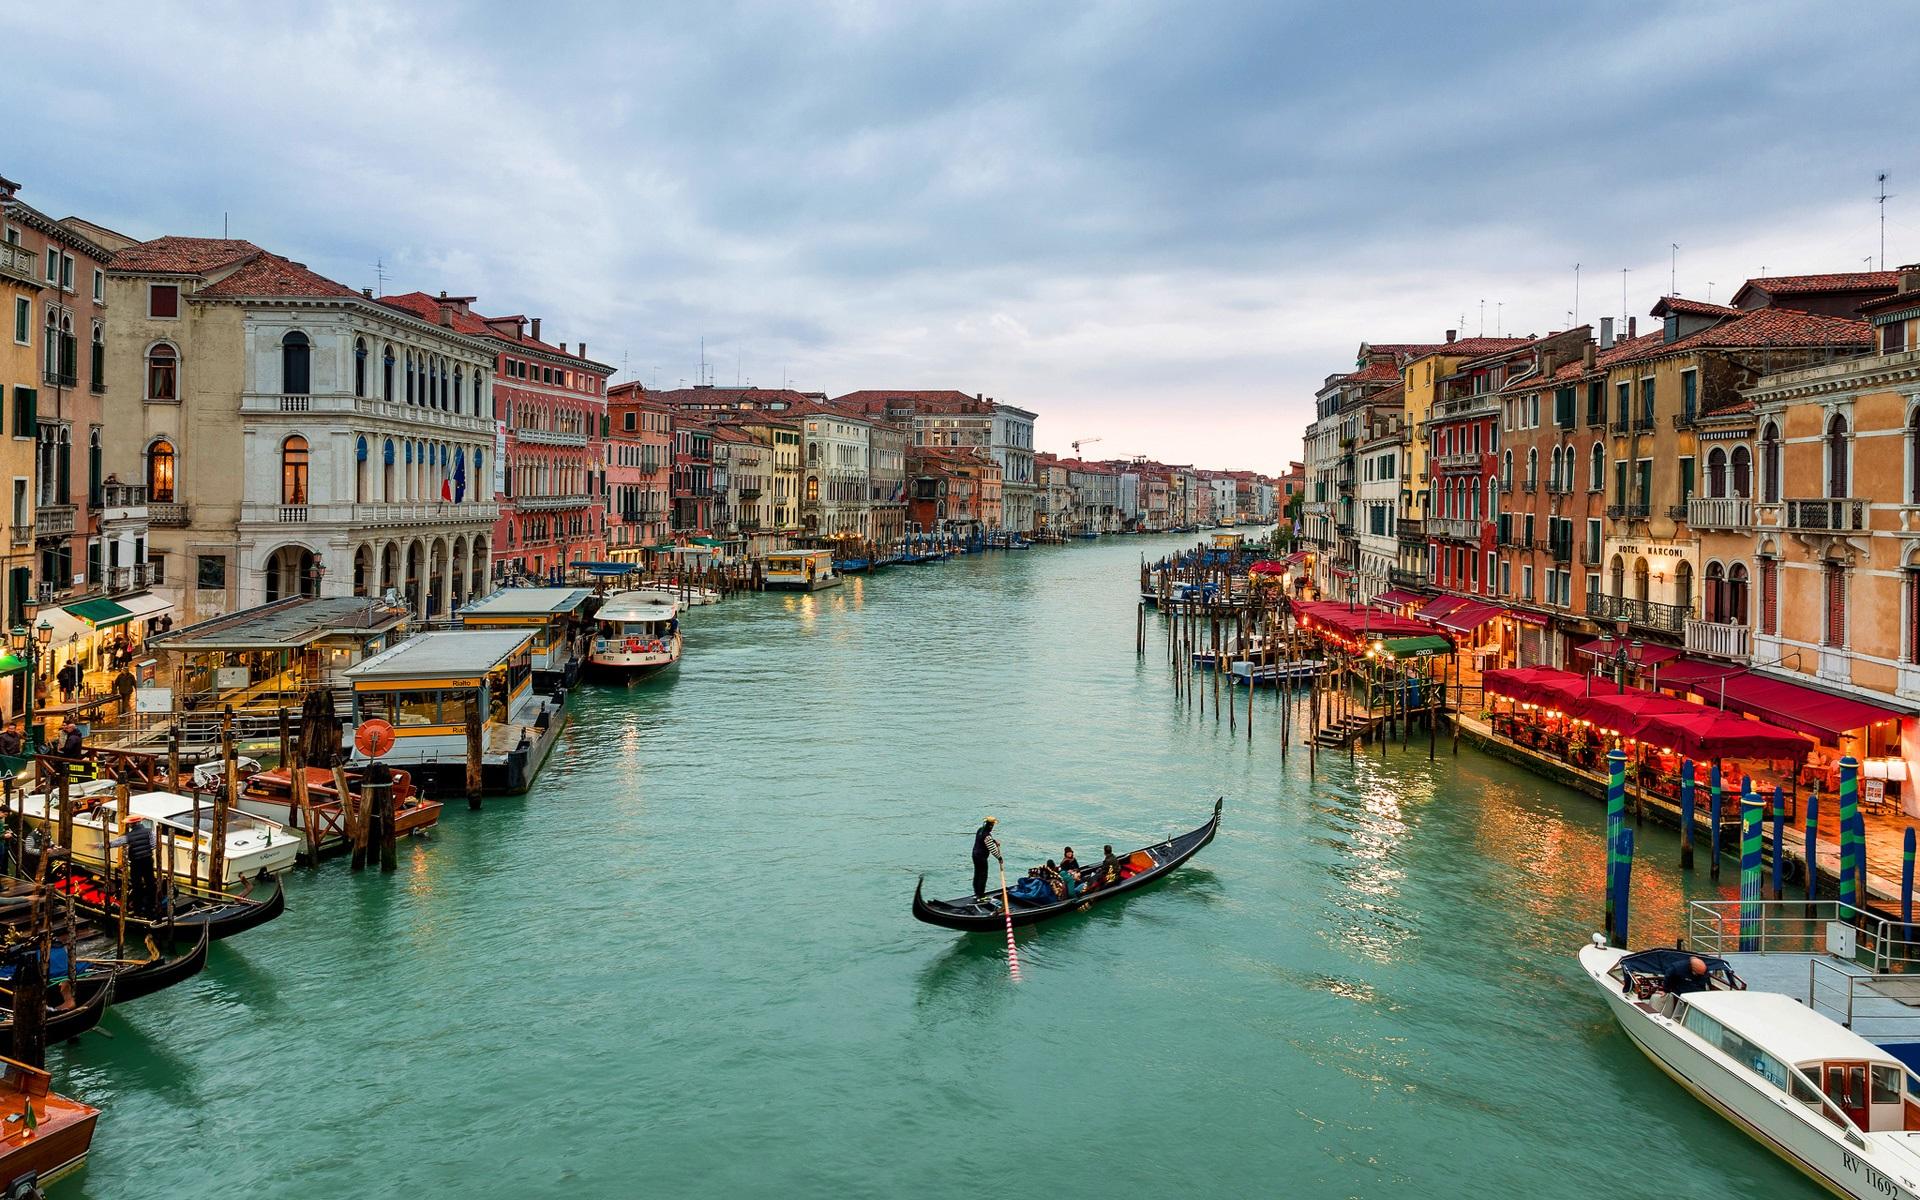 масло, муку, виды венеции фото высокого разрешения президент сша